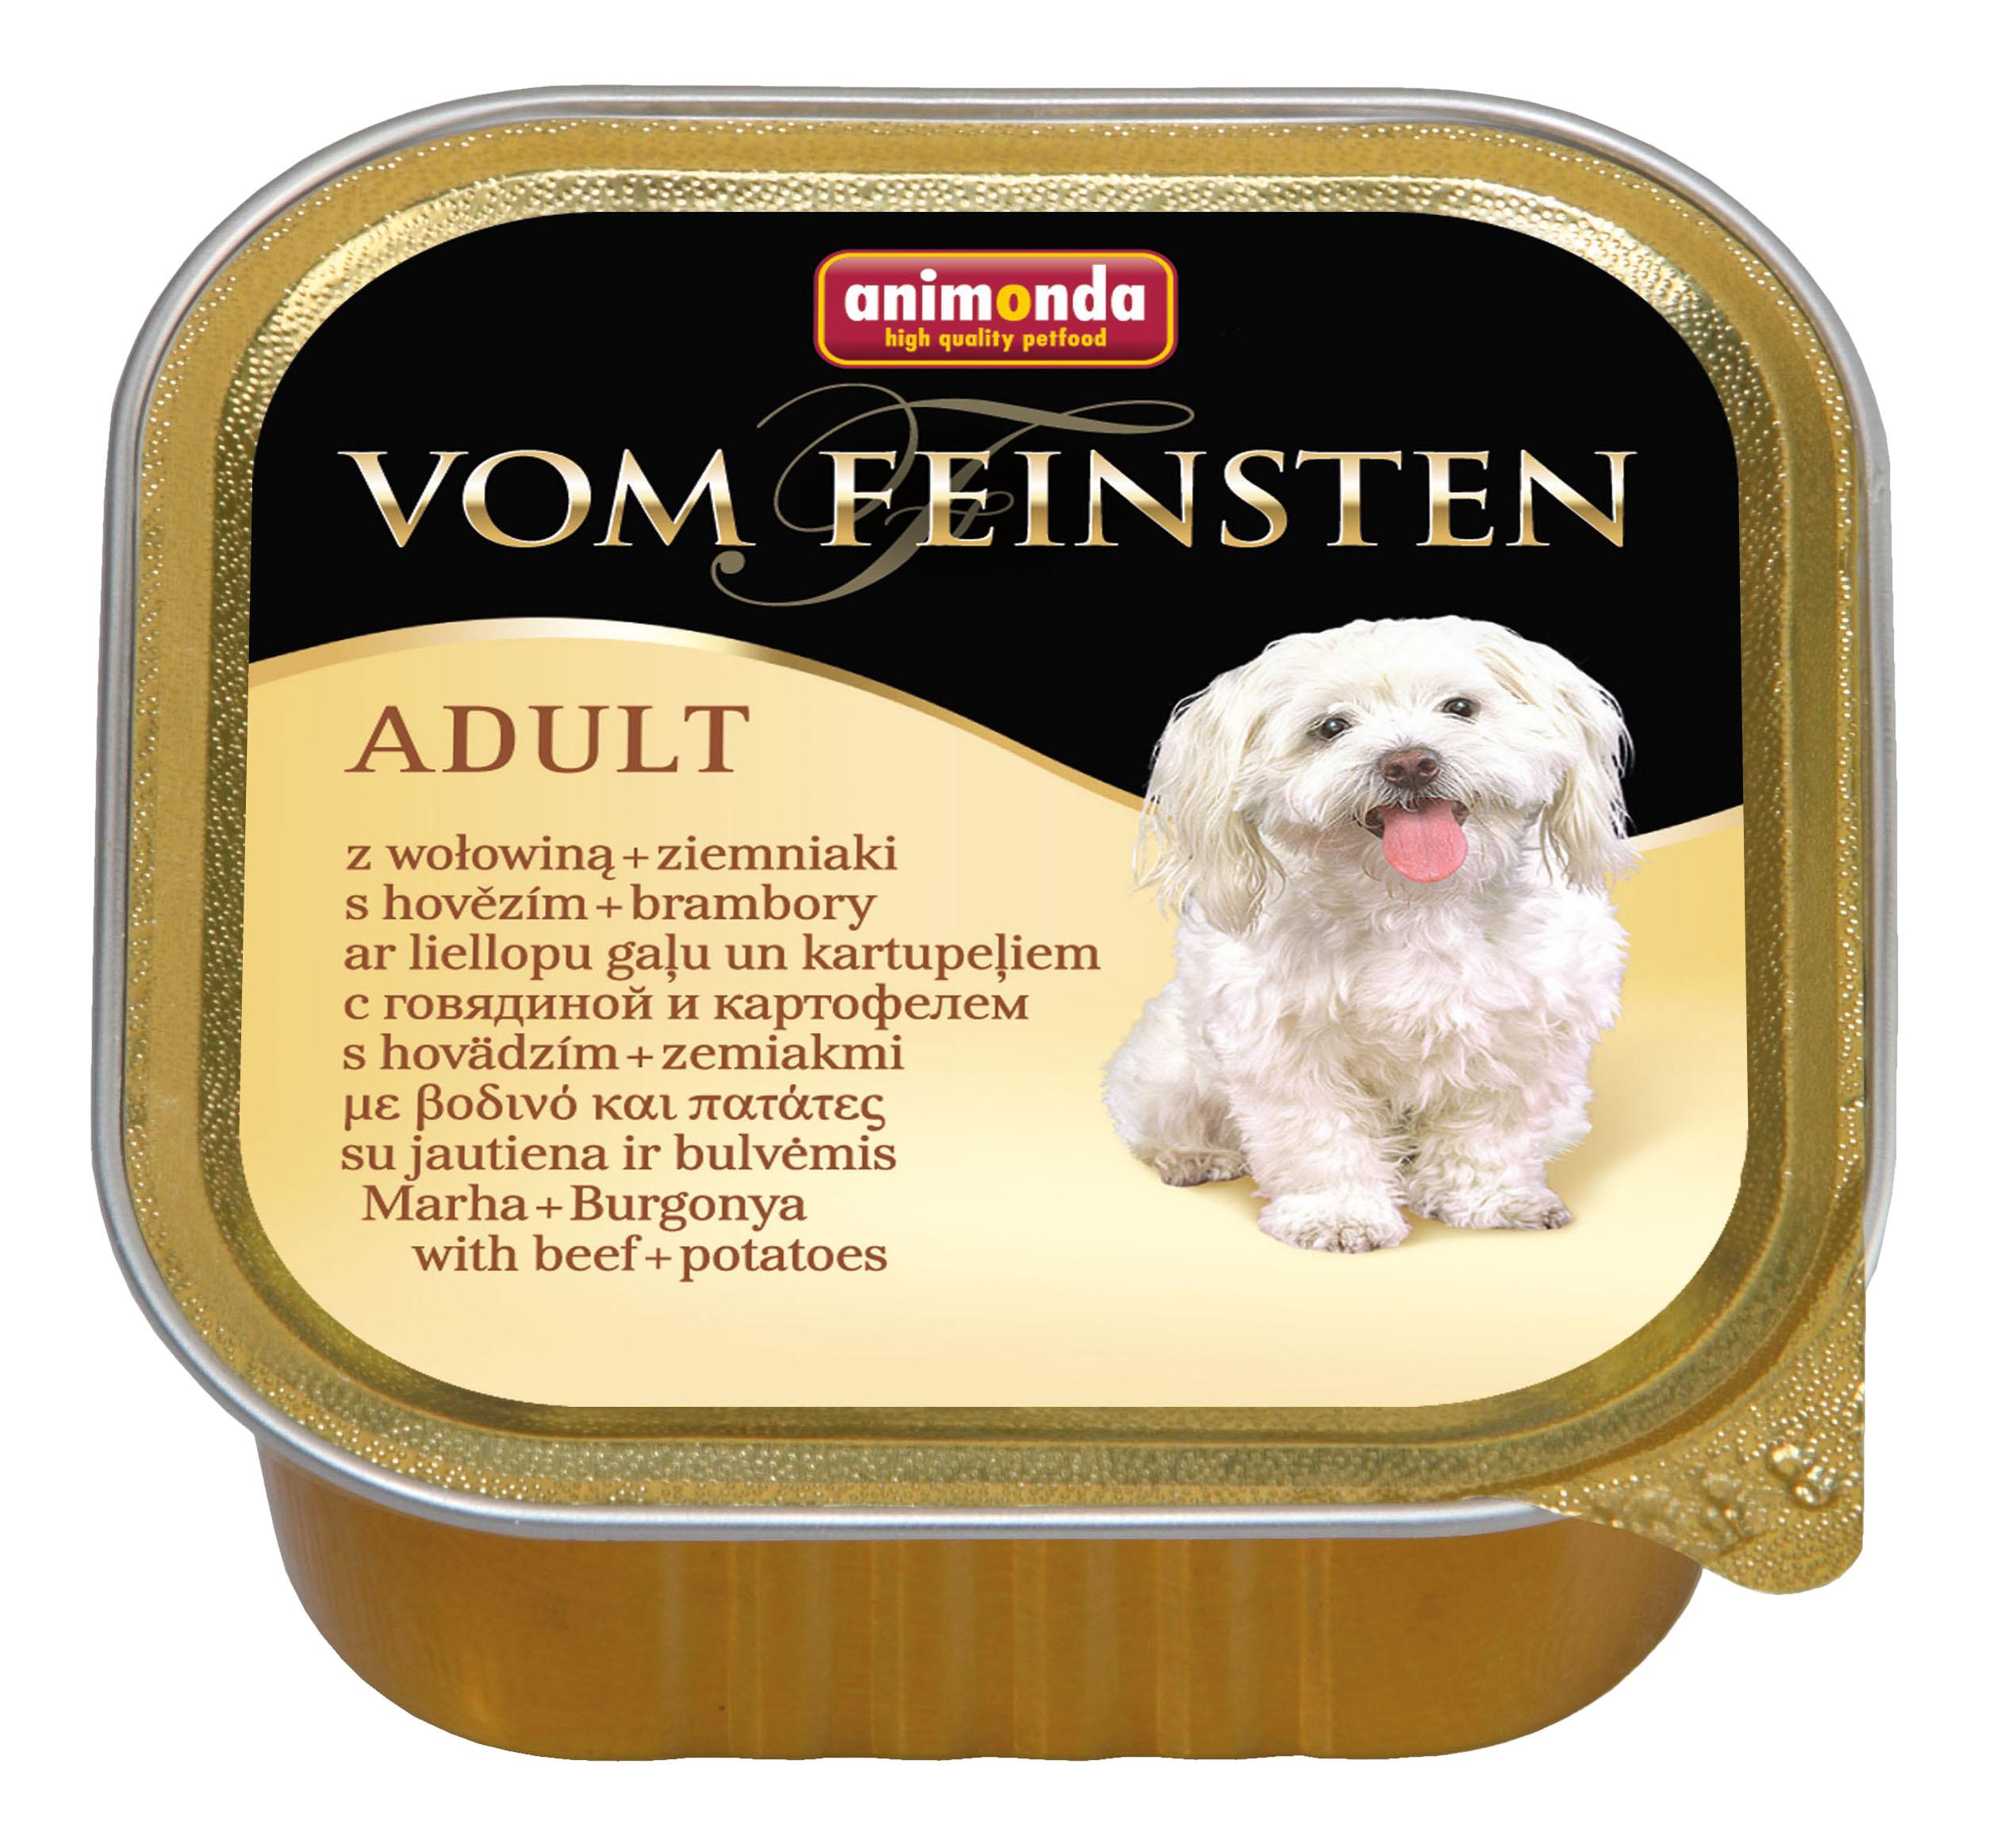 Консервы для собак Animonda Vom Feinsten Adult, с говядиной и картофелем 150г фото